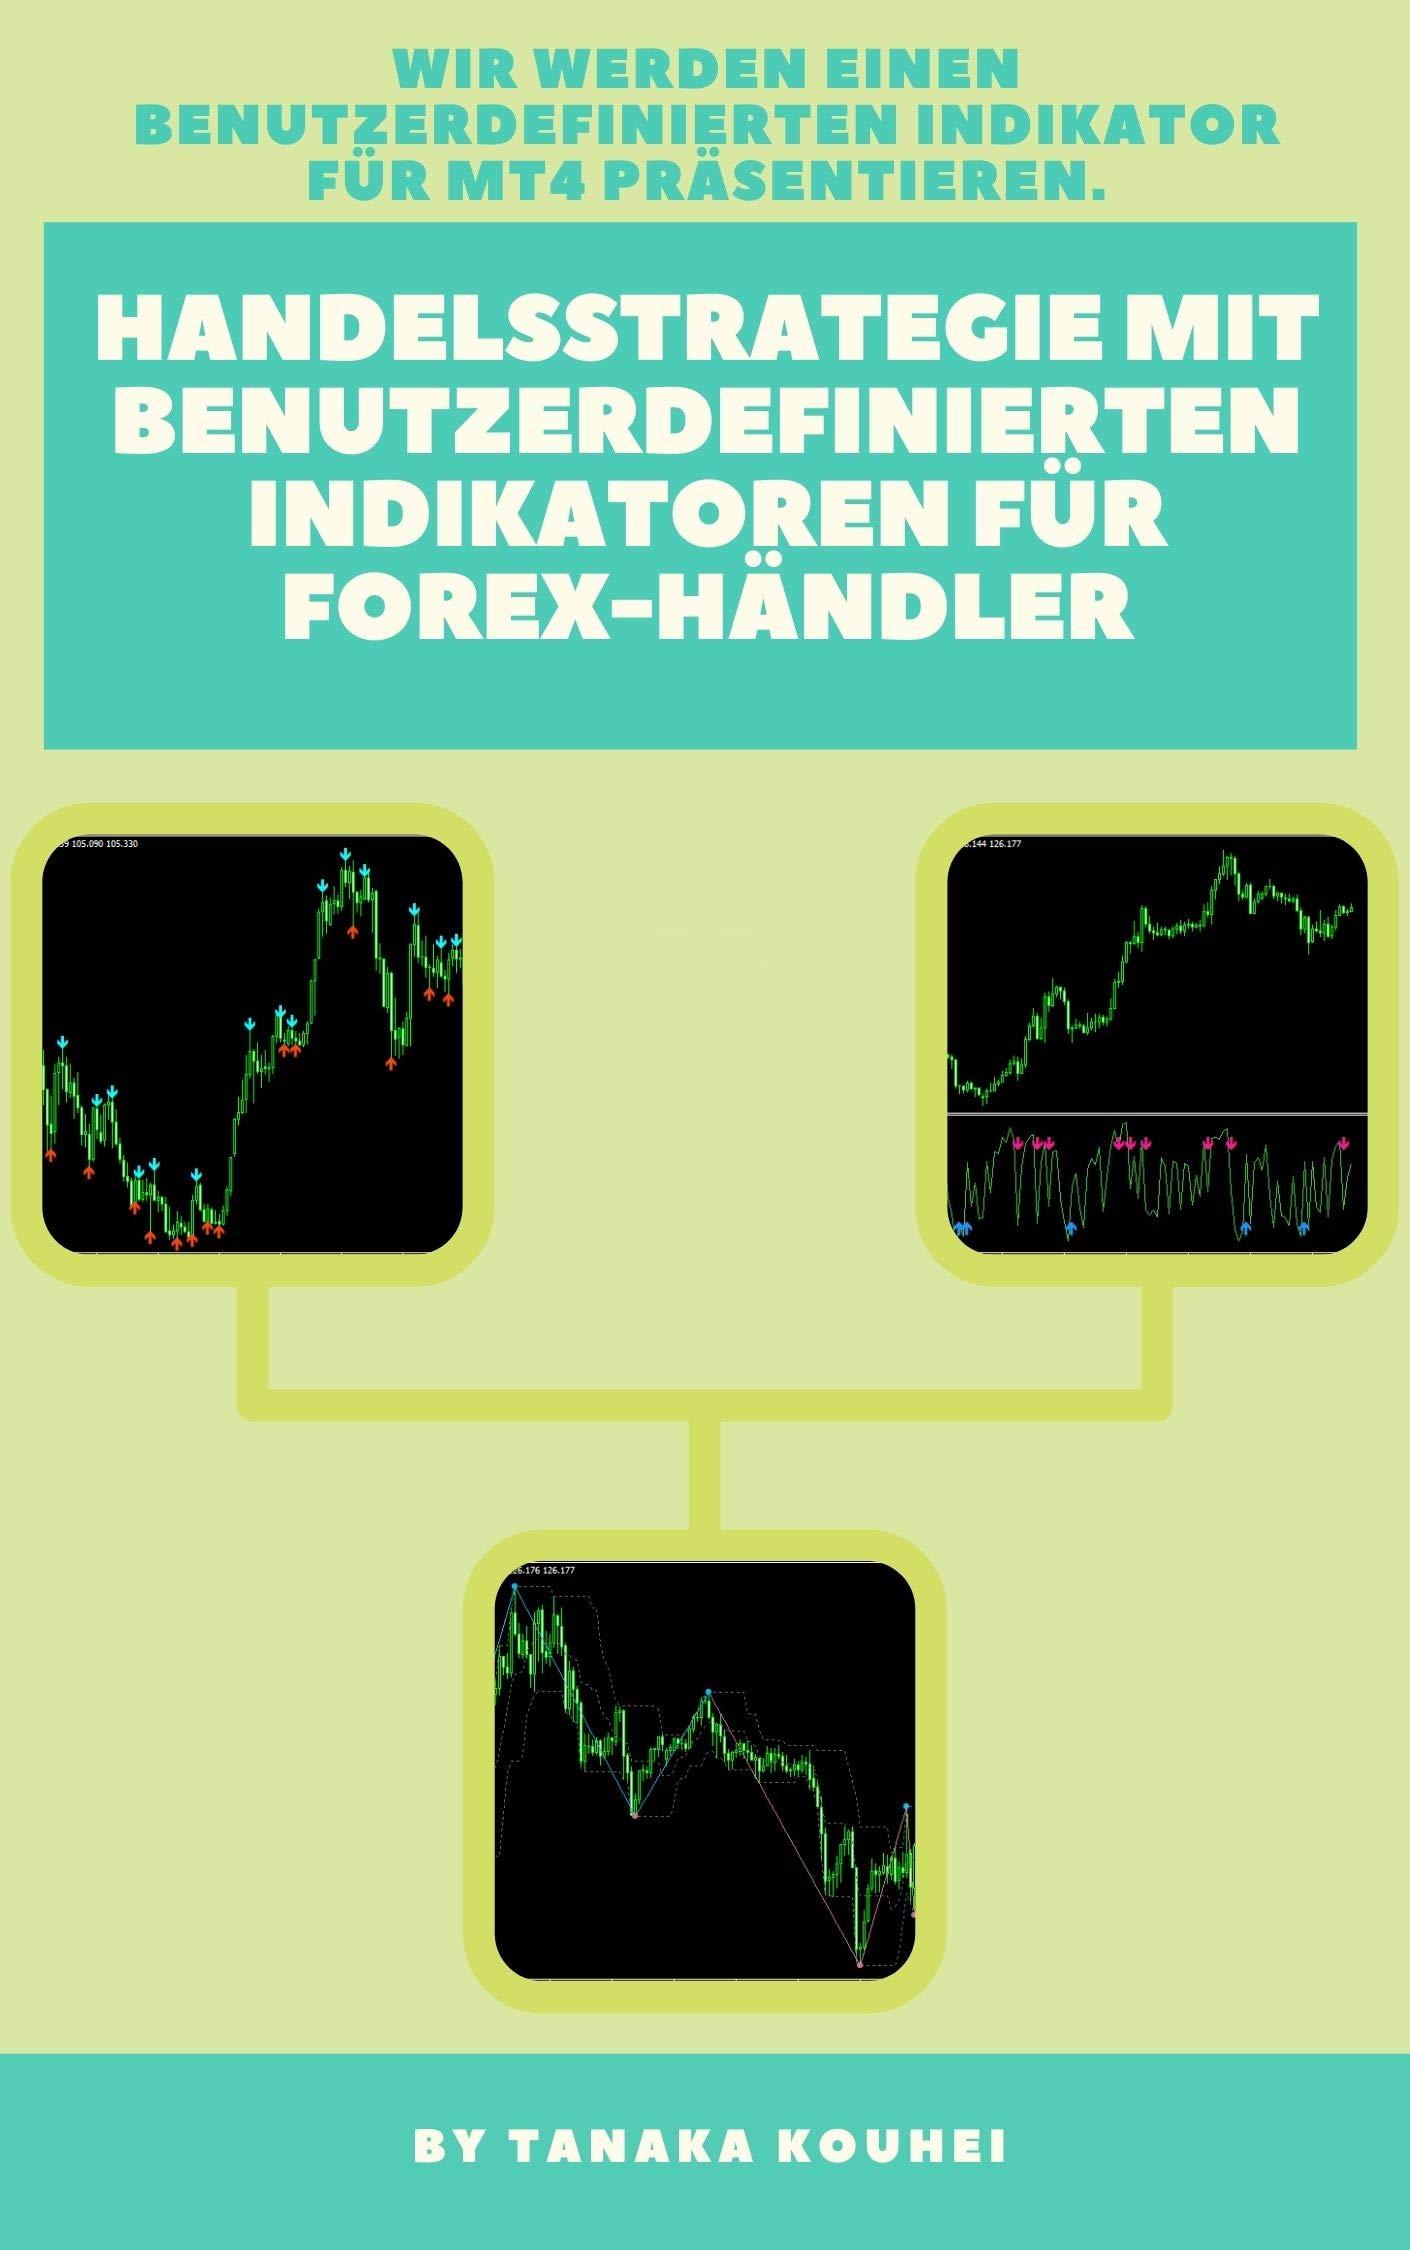 Handelsstrategie mit benutzerdefinierten Indikatoren für Forex-Händler: Holen Sie sich einen benutzerdefinierten Indikator für MT4. (German Edition)